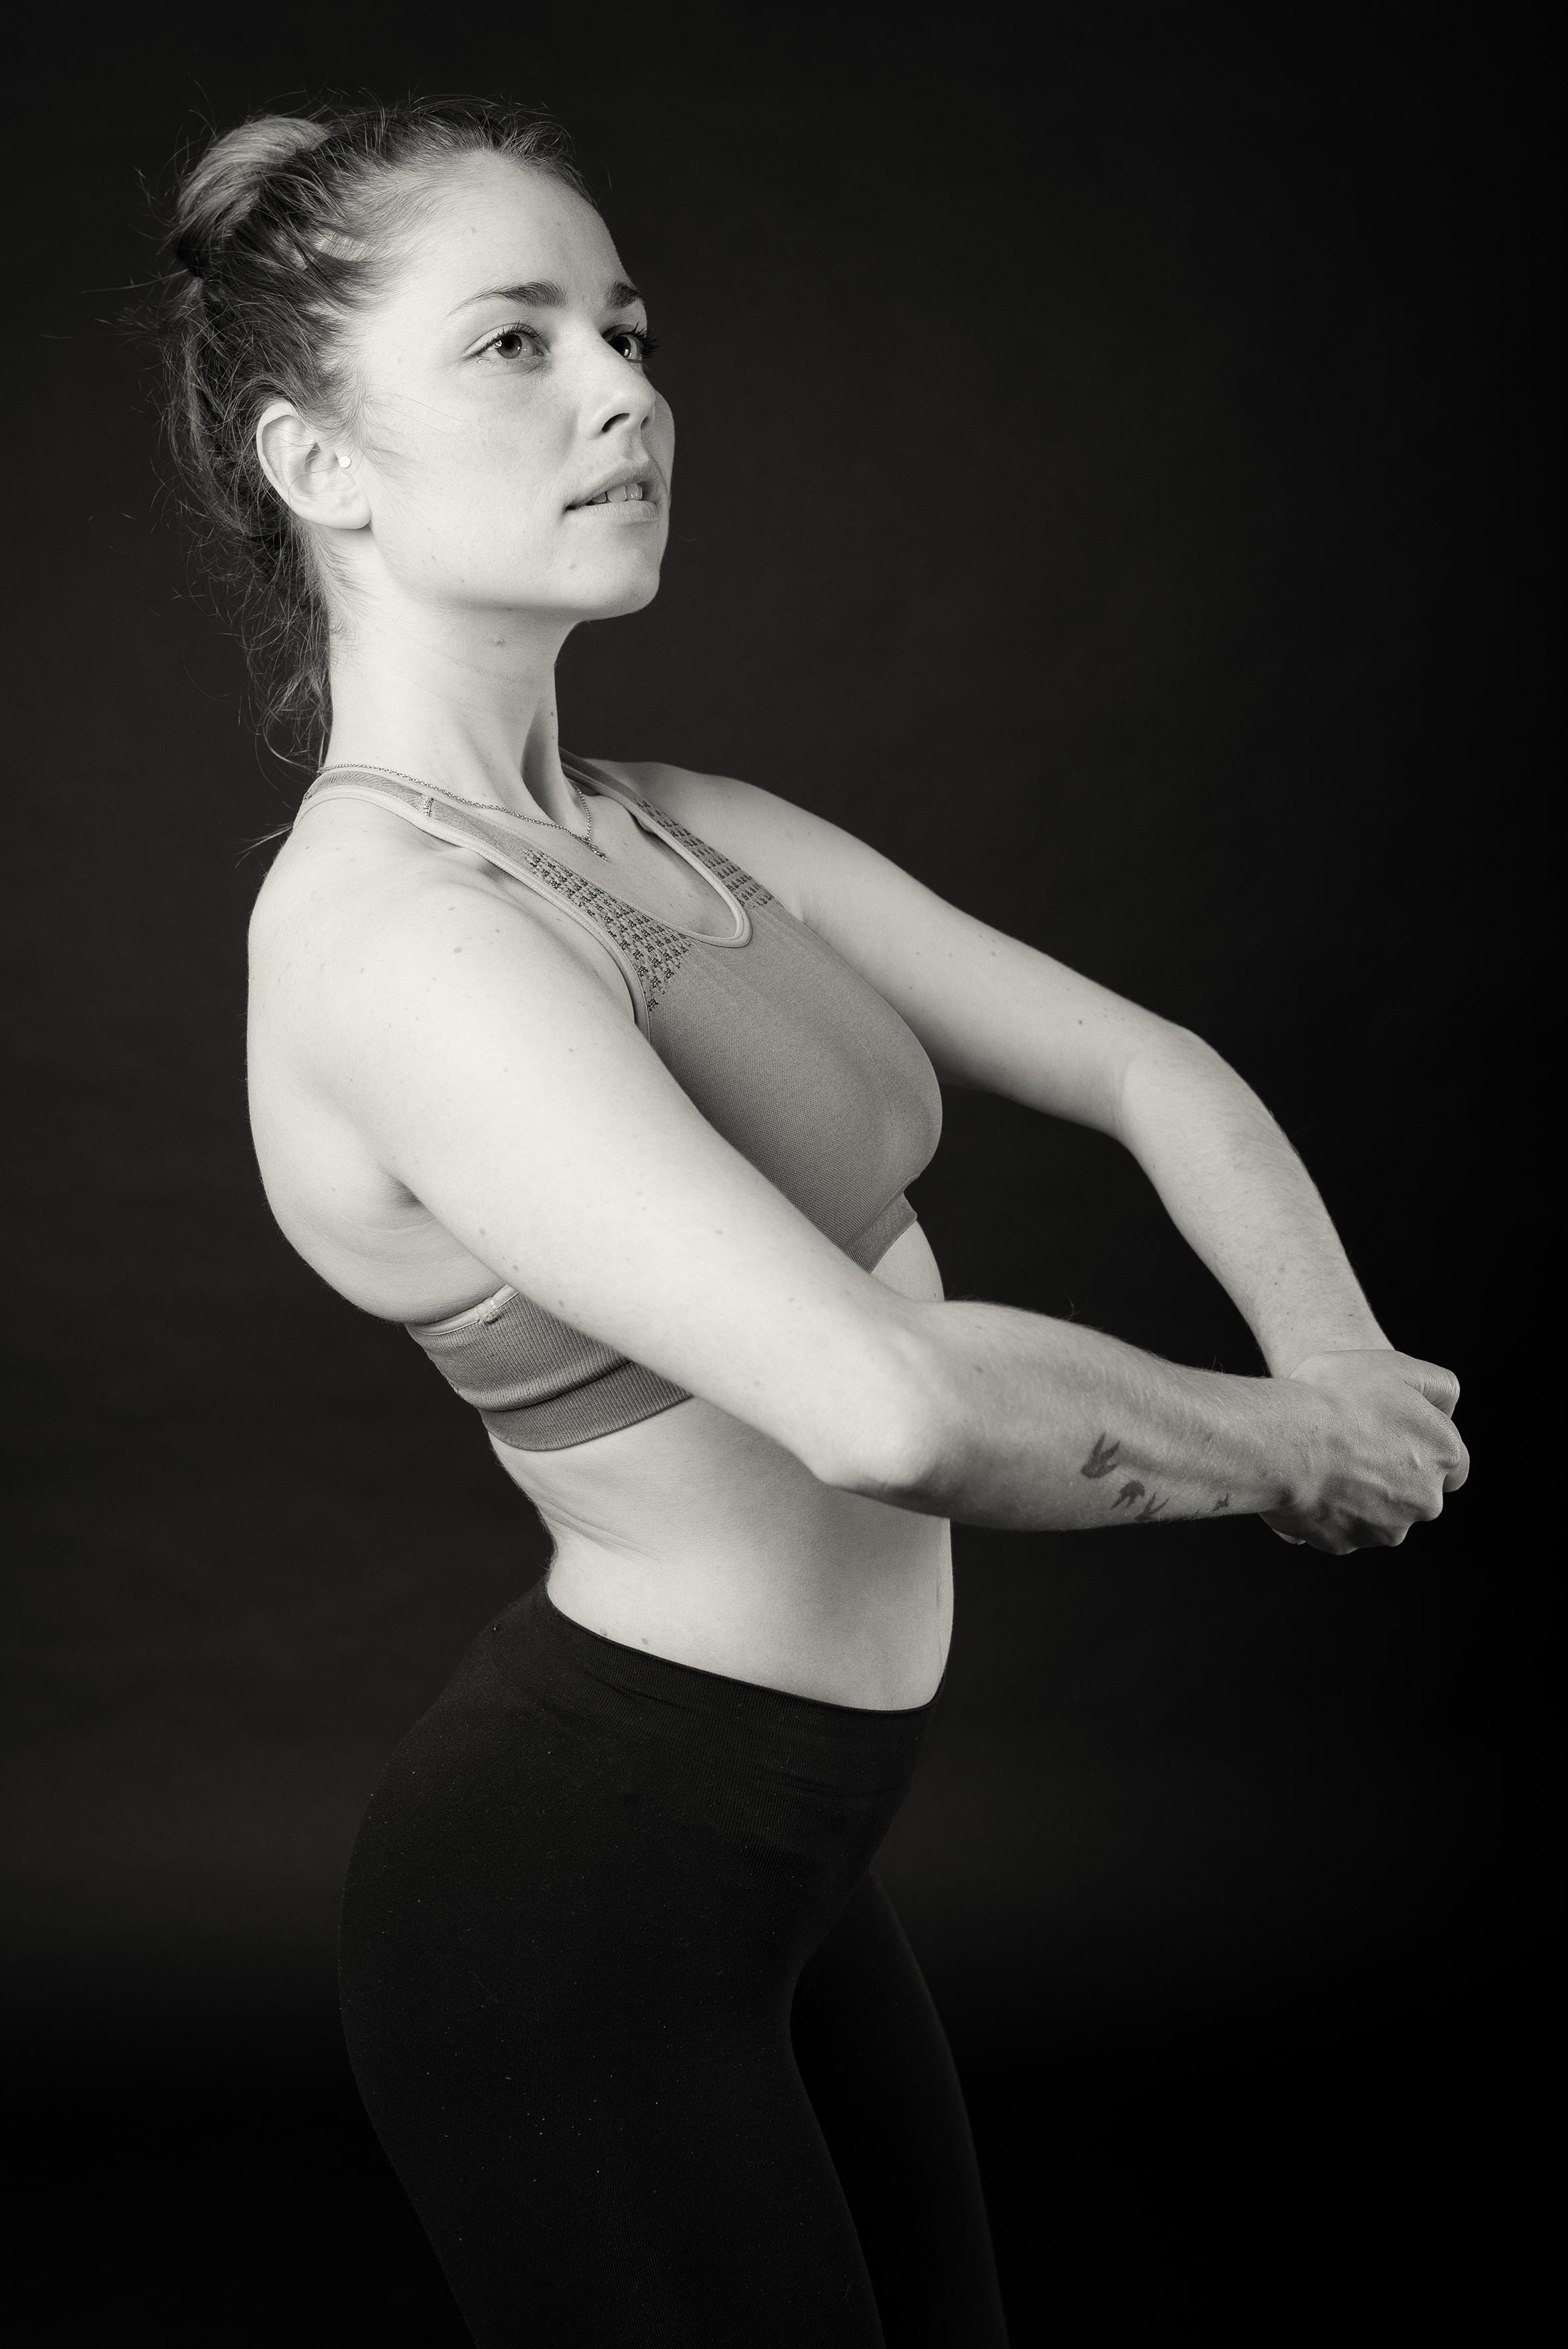 Lone Rasmussen Photography, www.lonerasmussenphotography.dk, portræt, danser, kvinde, sort-hvid